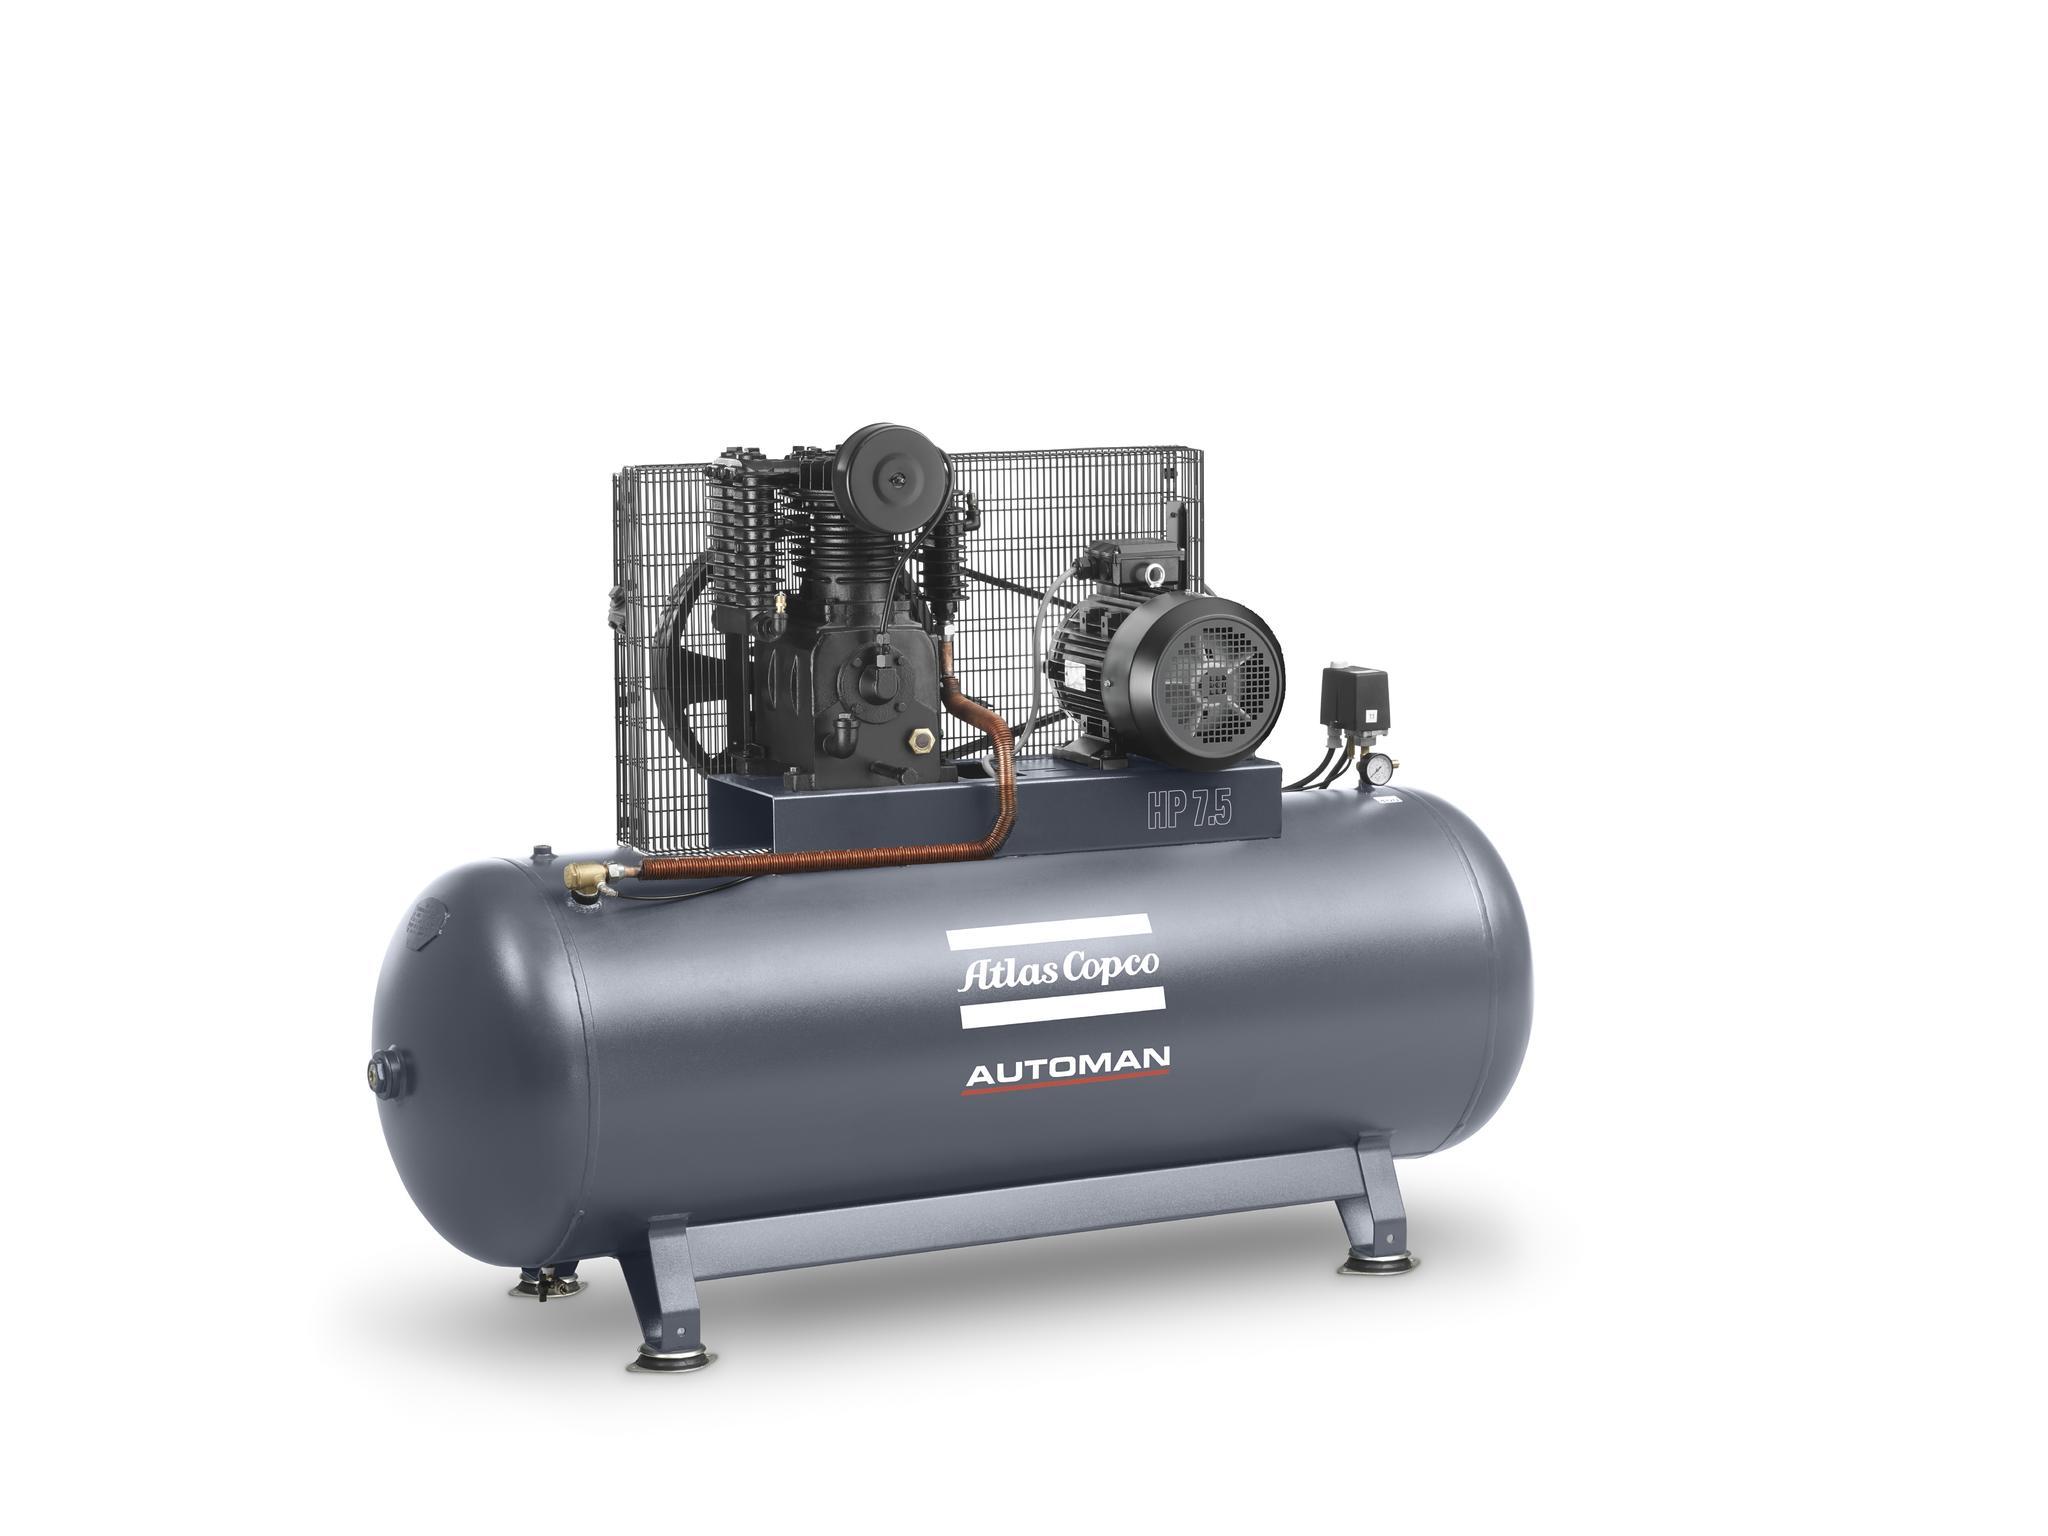 Atlas Copco 5.5 hp Cast Iron Piston Air Compressor with 270L Vessel - 11 bar